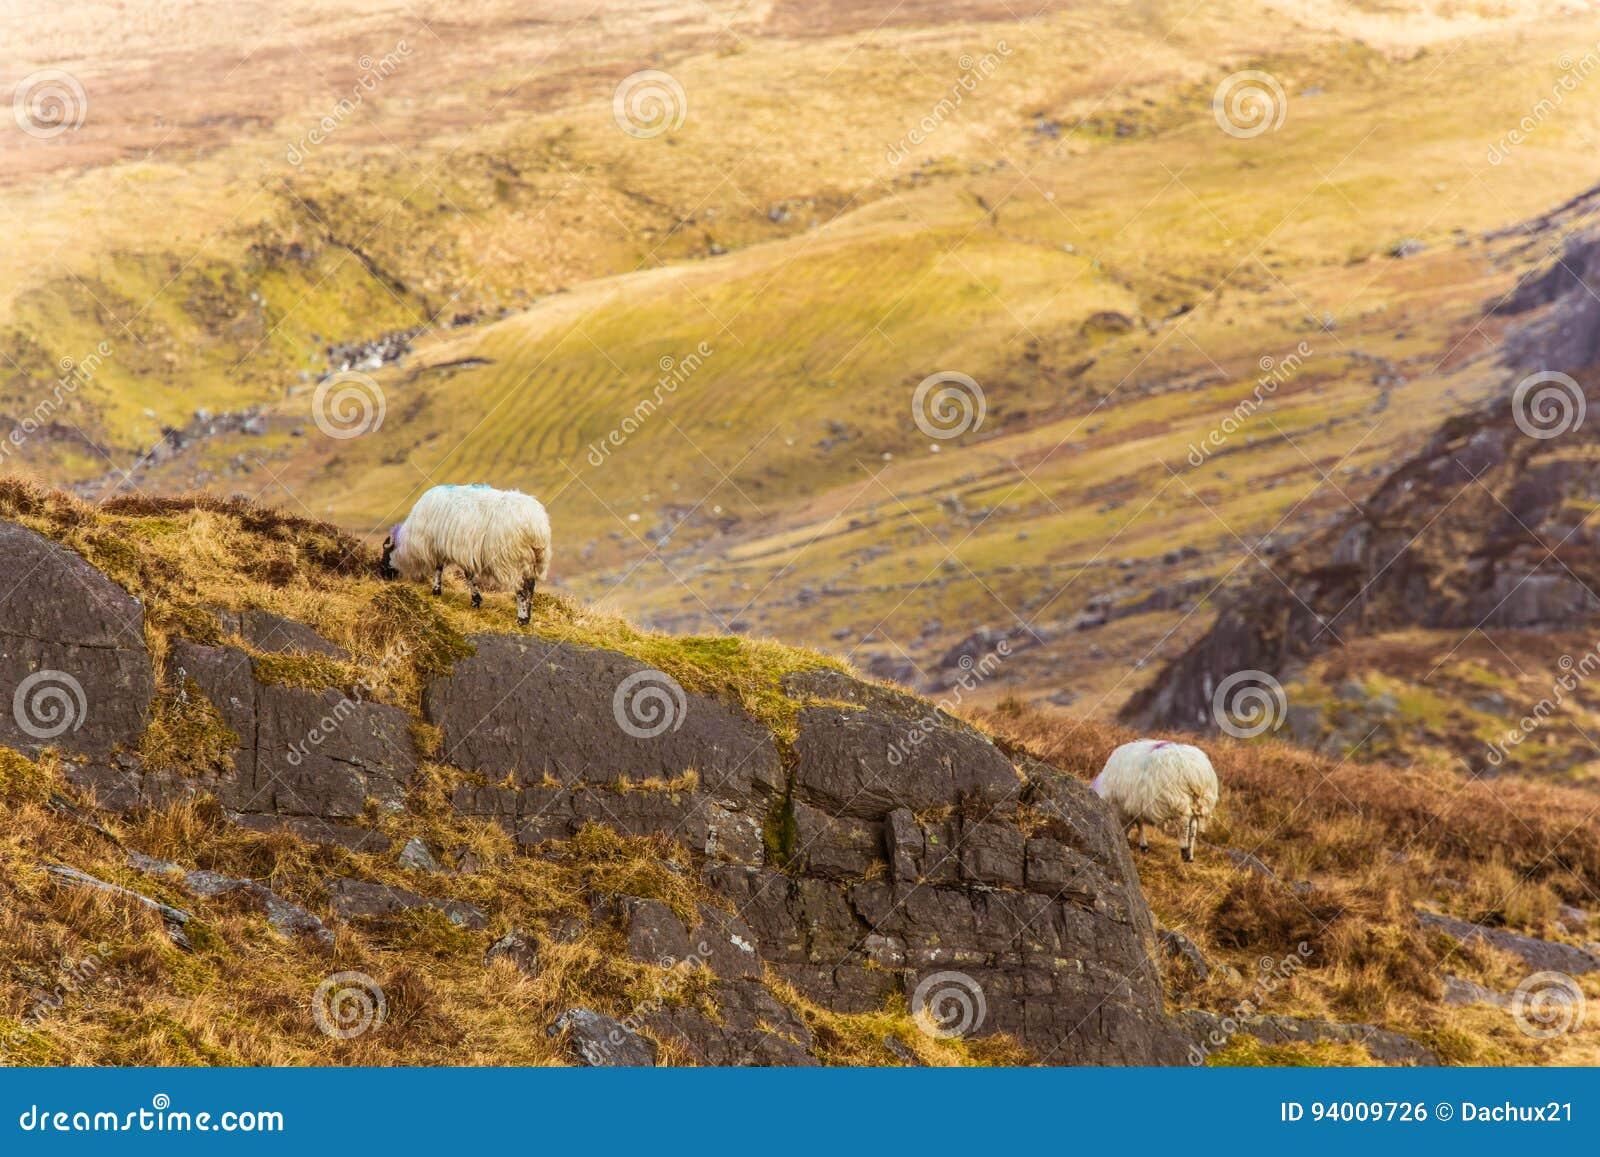 Eine schöne irische Berglandschaft im Frühjahr mit Schafen